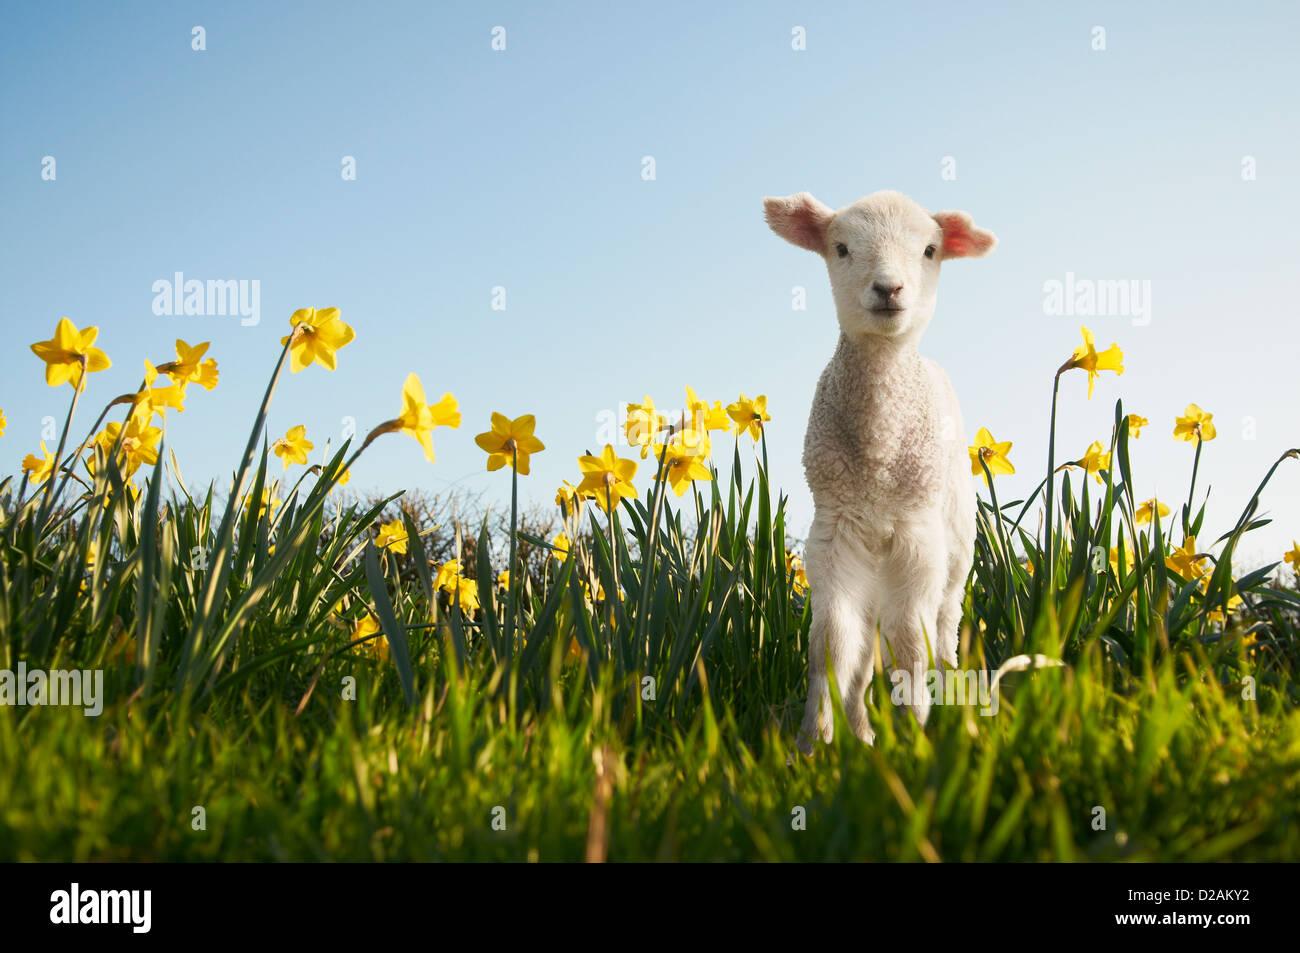 Agneau marche dans champ de fleurs Banque D'Images